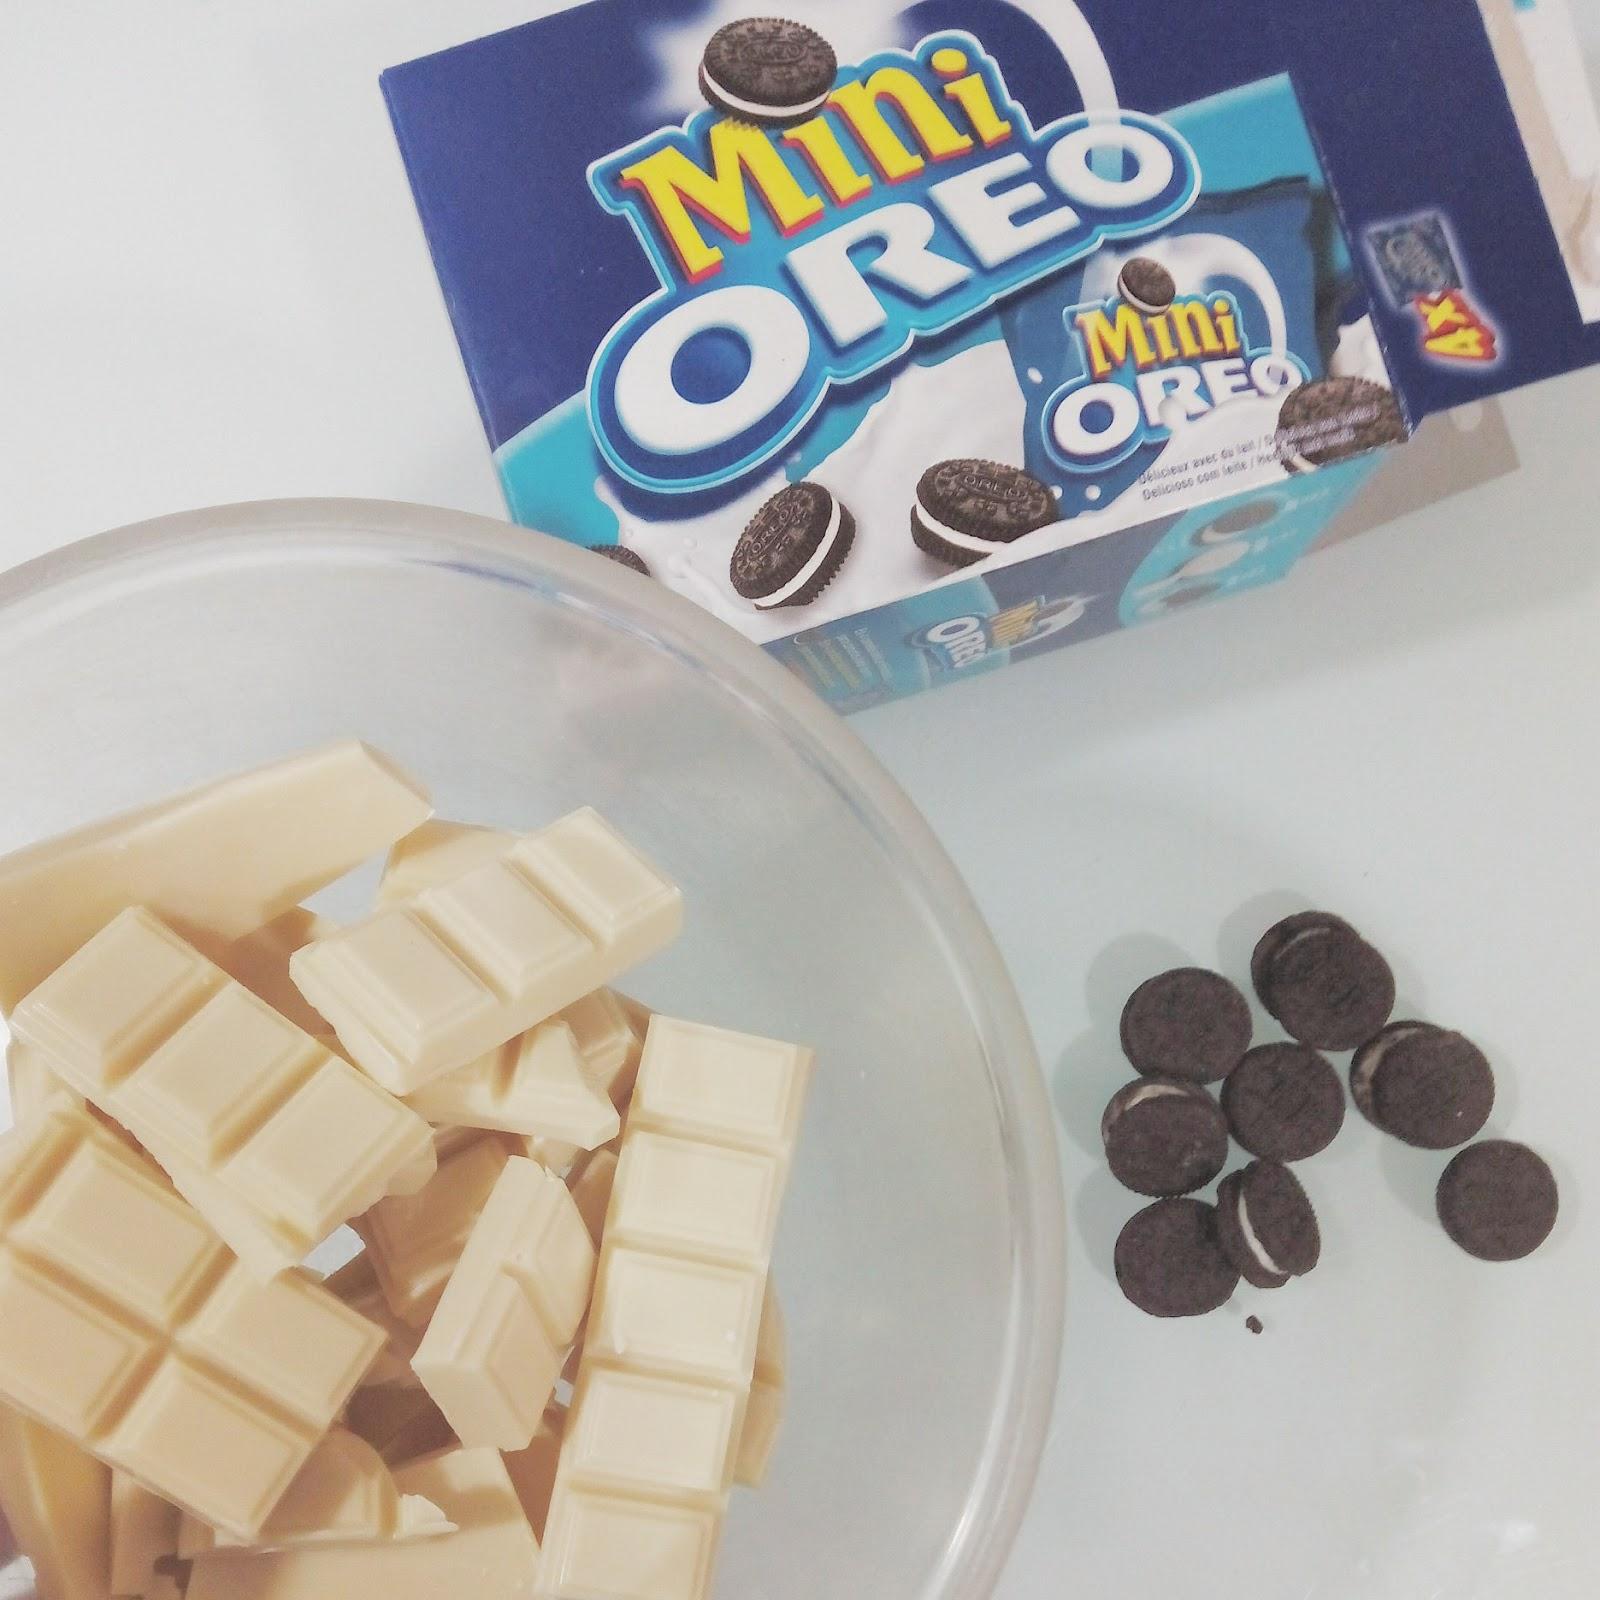 Baño Blanco Para Galletas: fáciles, manualidades y DIY: Bombones de Chocolate Blanco y Oreos